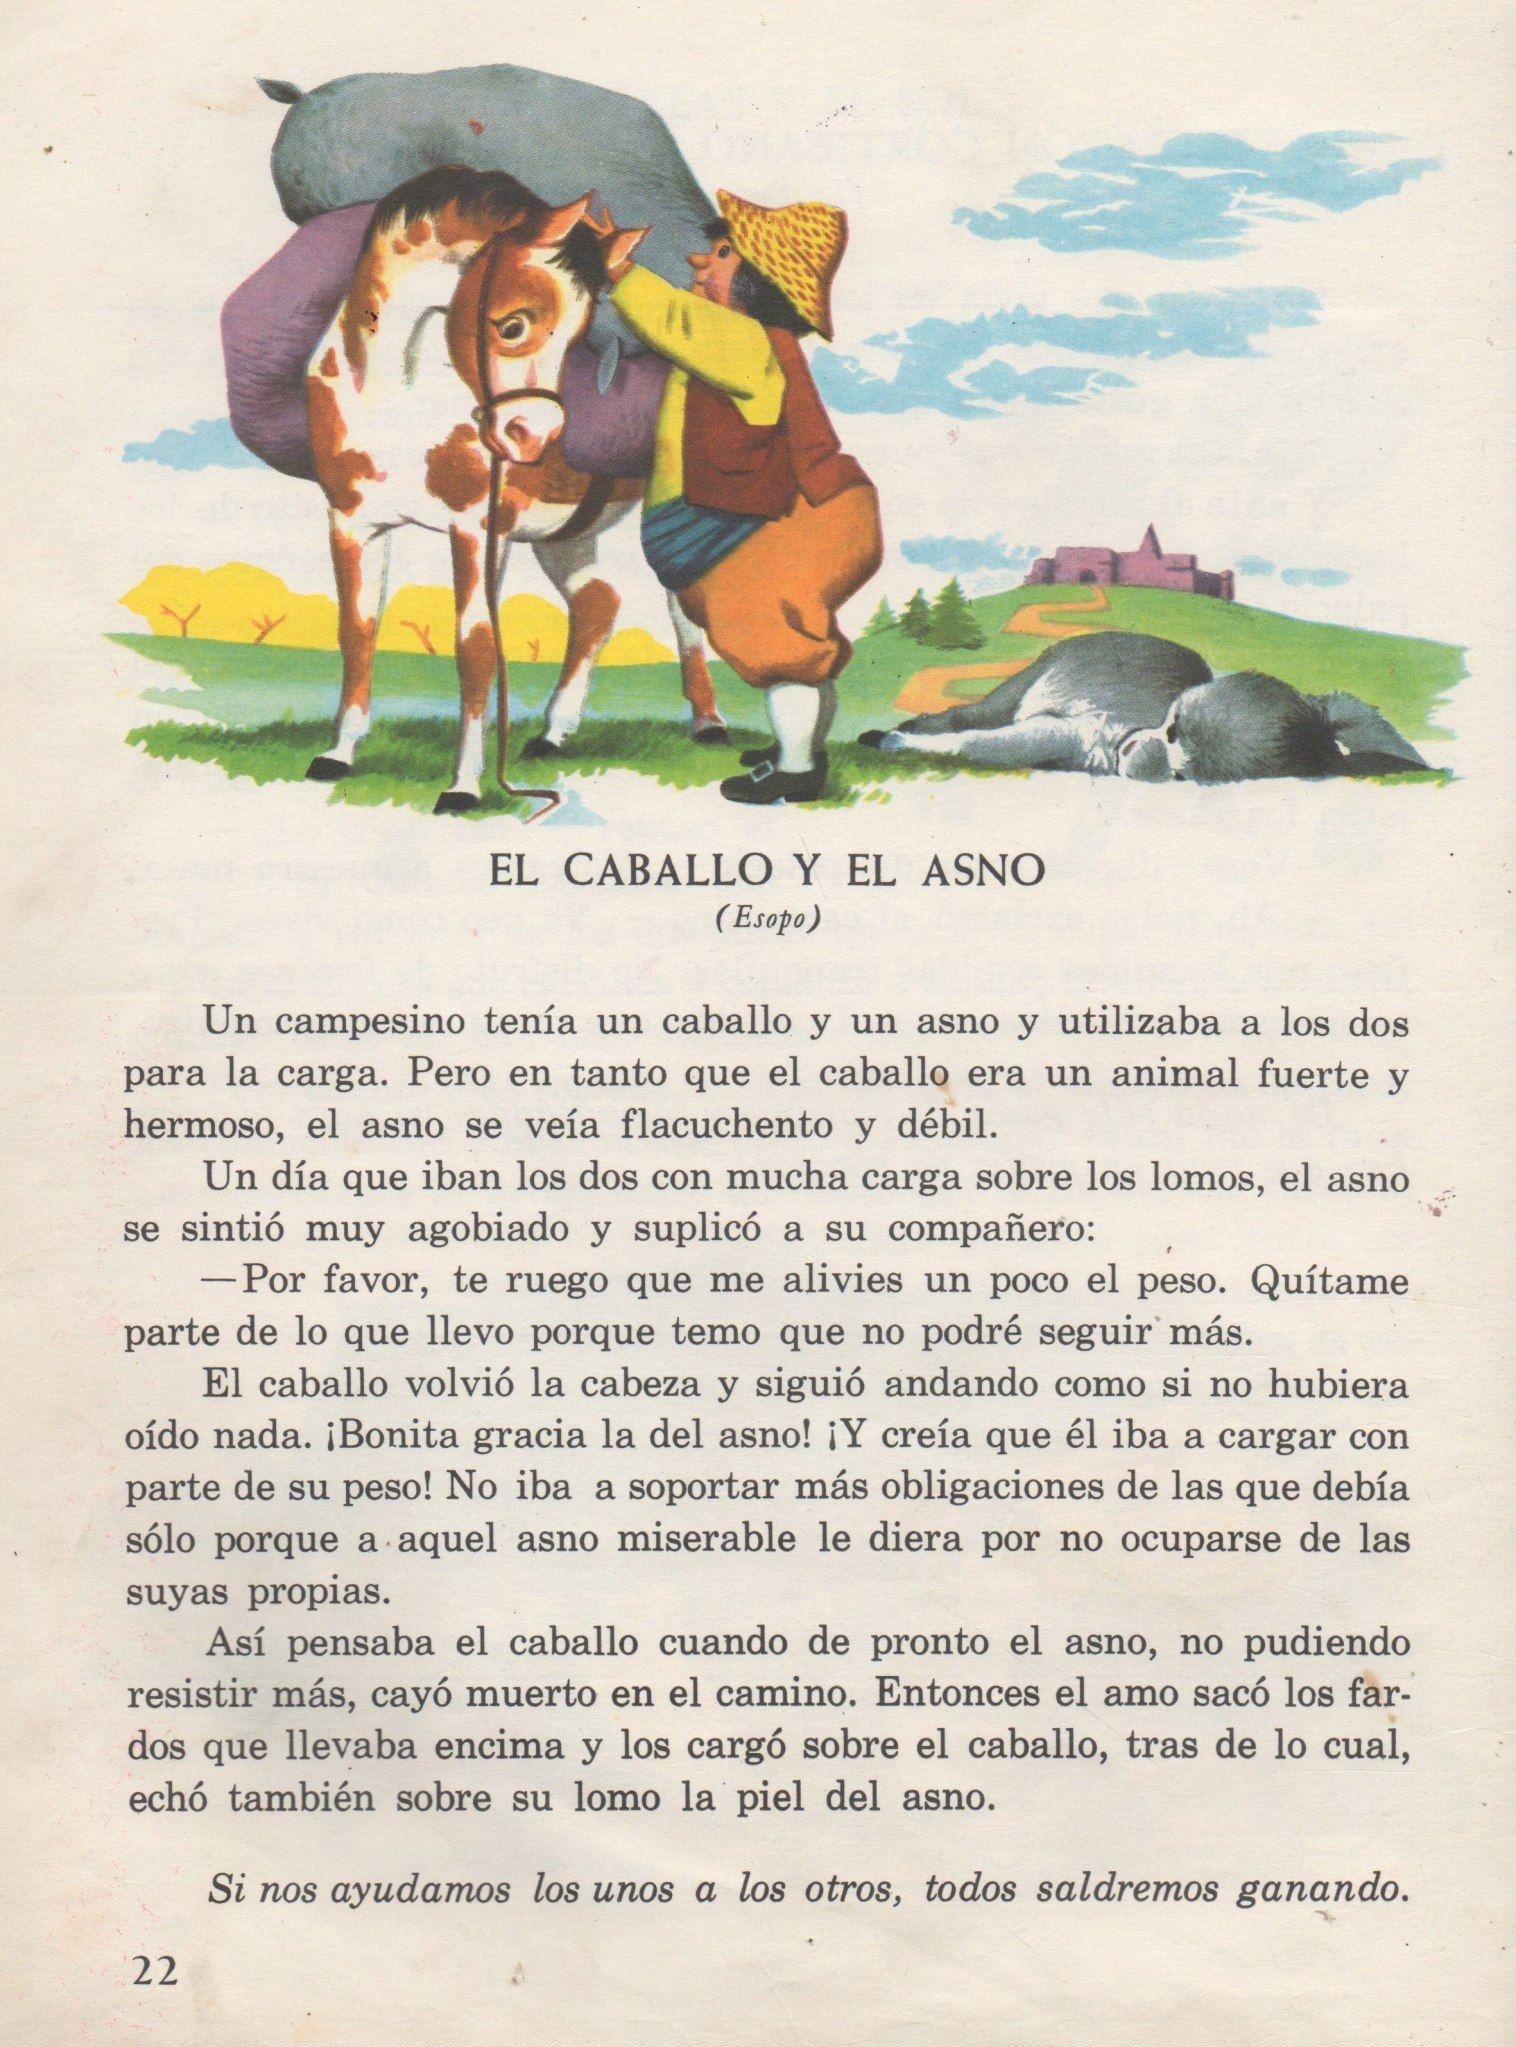 Raúl Stévano Fábulas Archivo De Ilustración Argentina Cuentos Cortos Para Imprimir Cuentos Y Fabulas Cuentos Infantiles Para Leer